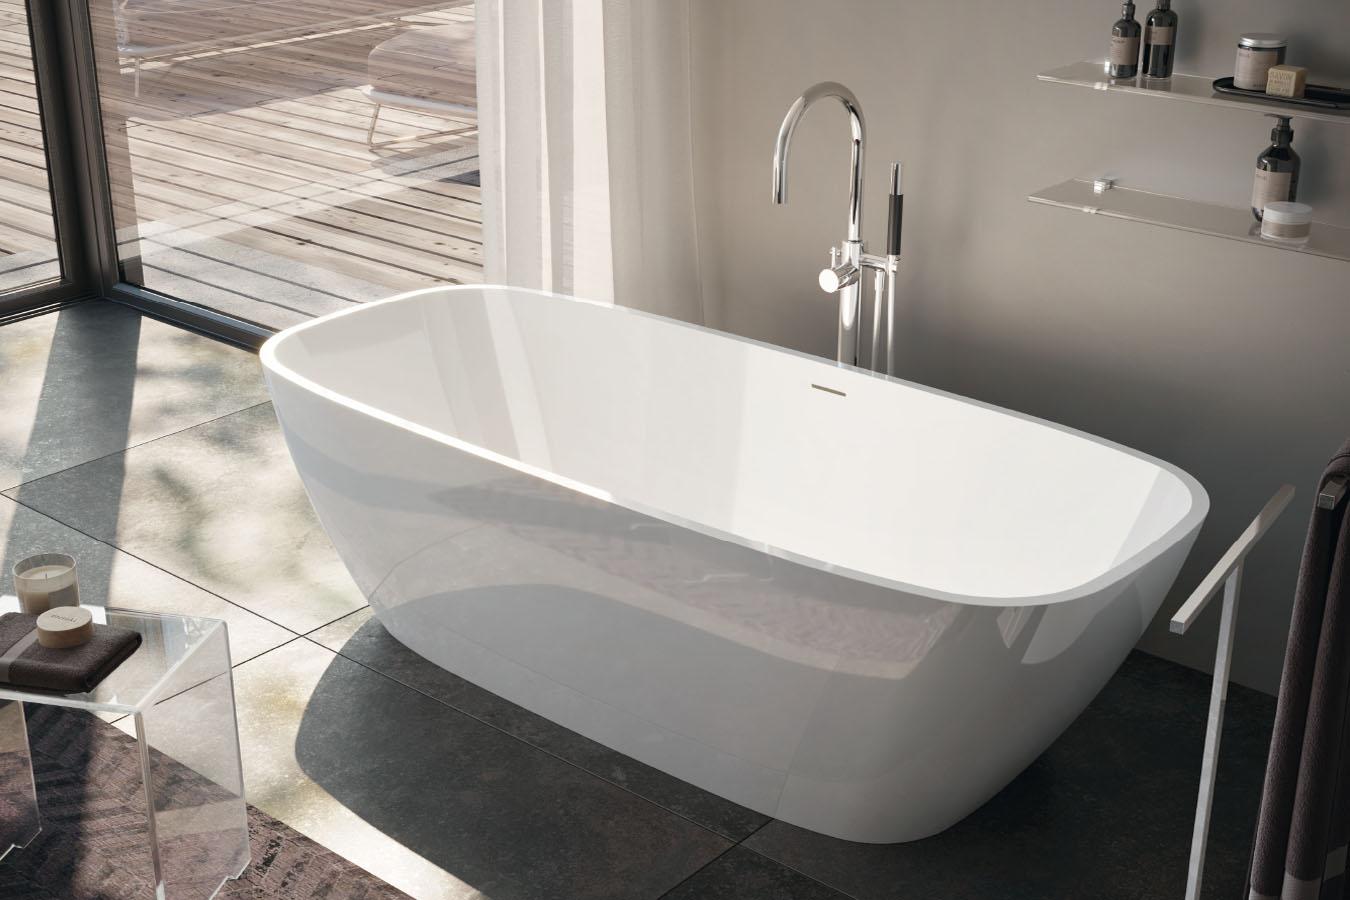 Vasca Da Bagno Treesse : Vasche da bagno freestanding edilceramiche di maccanò